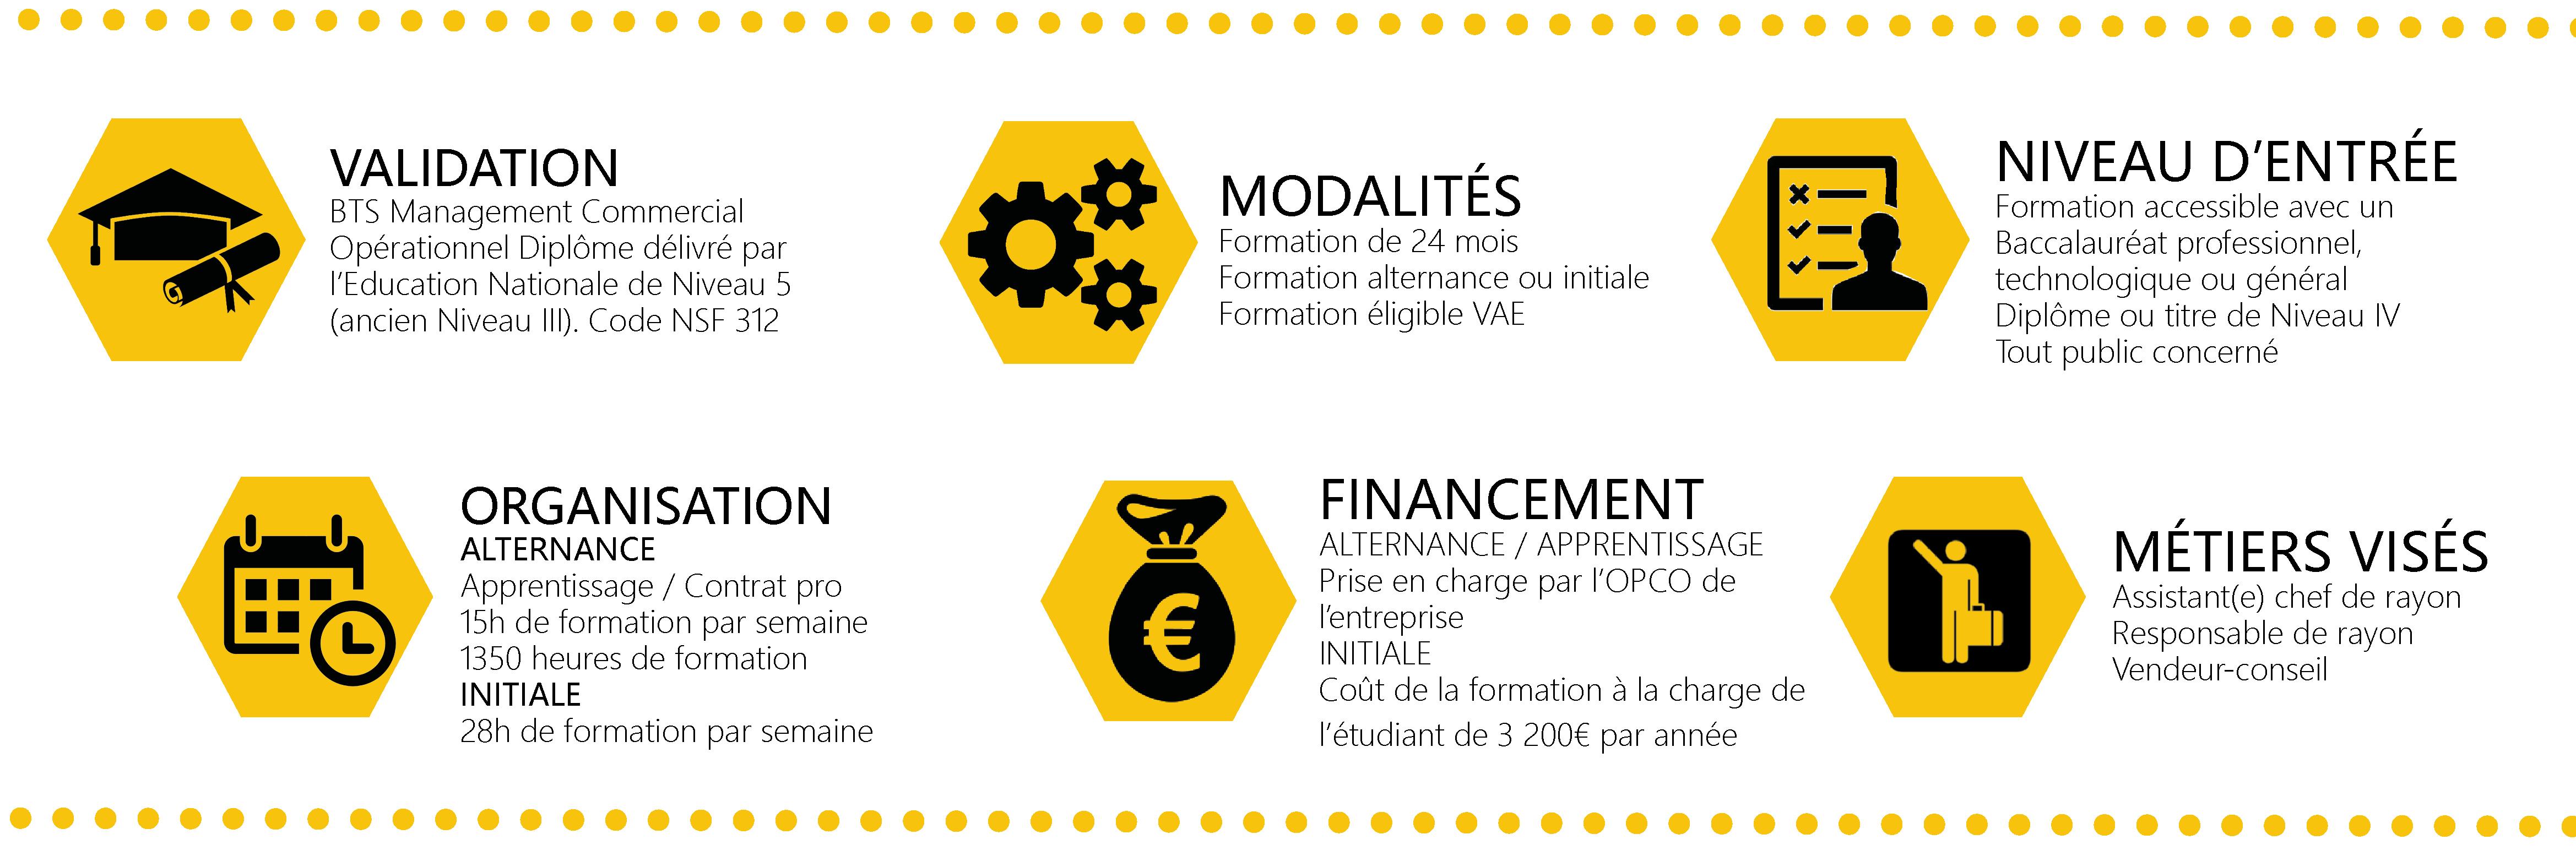 Modalités BTS MCO - MANAGEMENT COMMERCIAL OPÉRATIONNEL